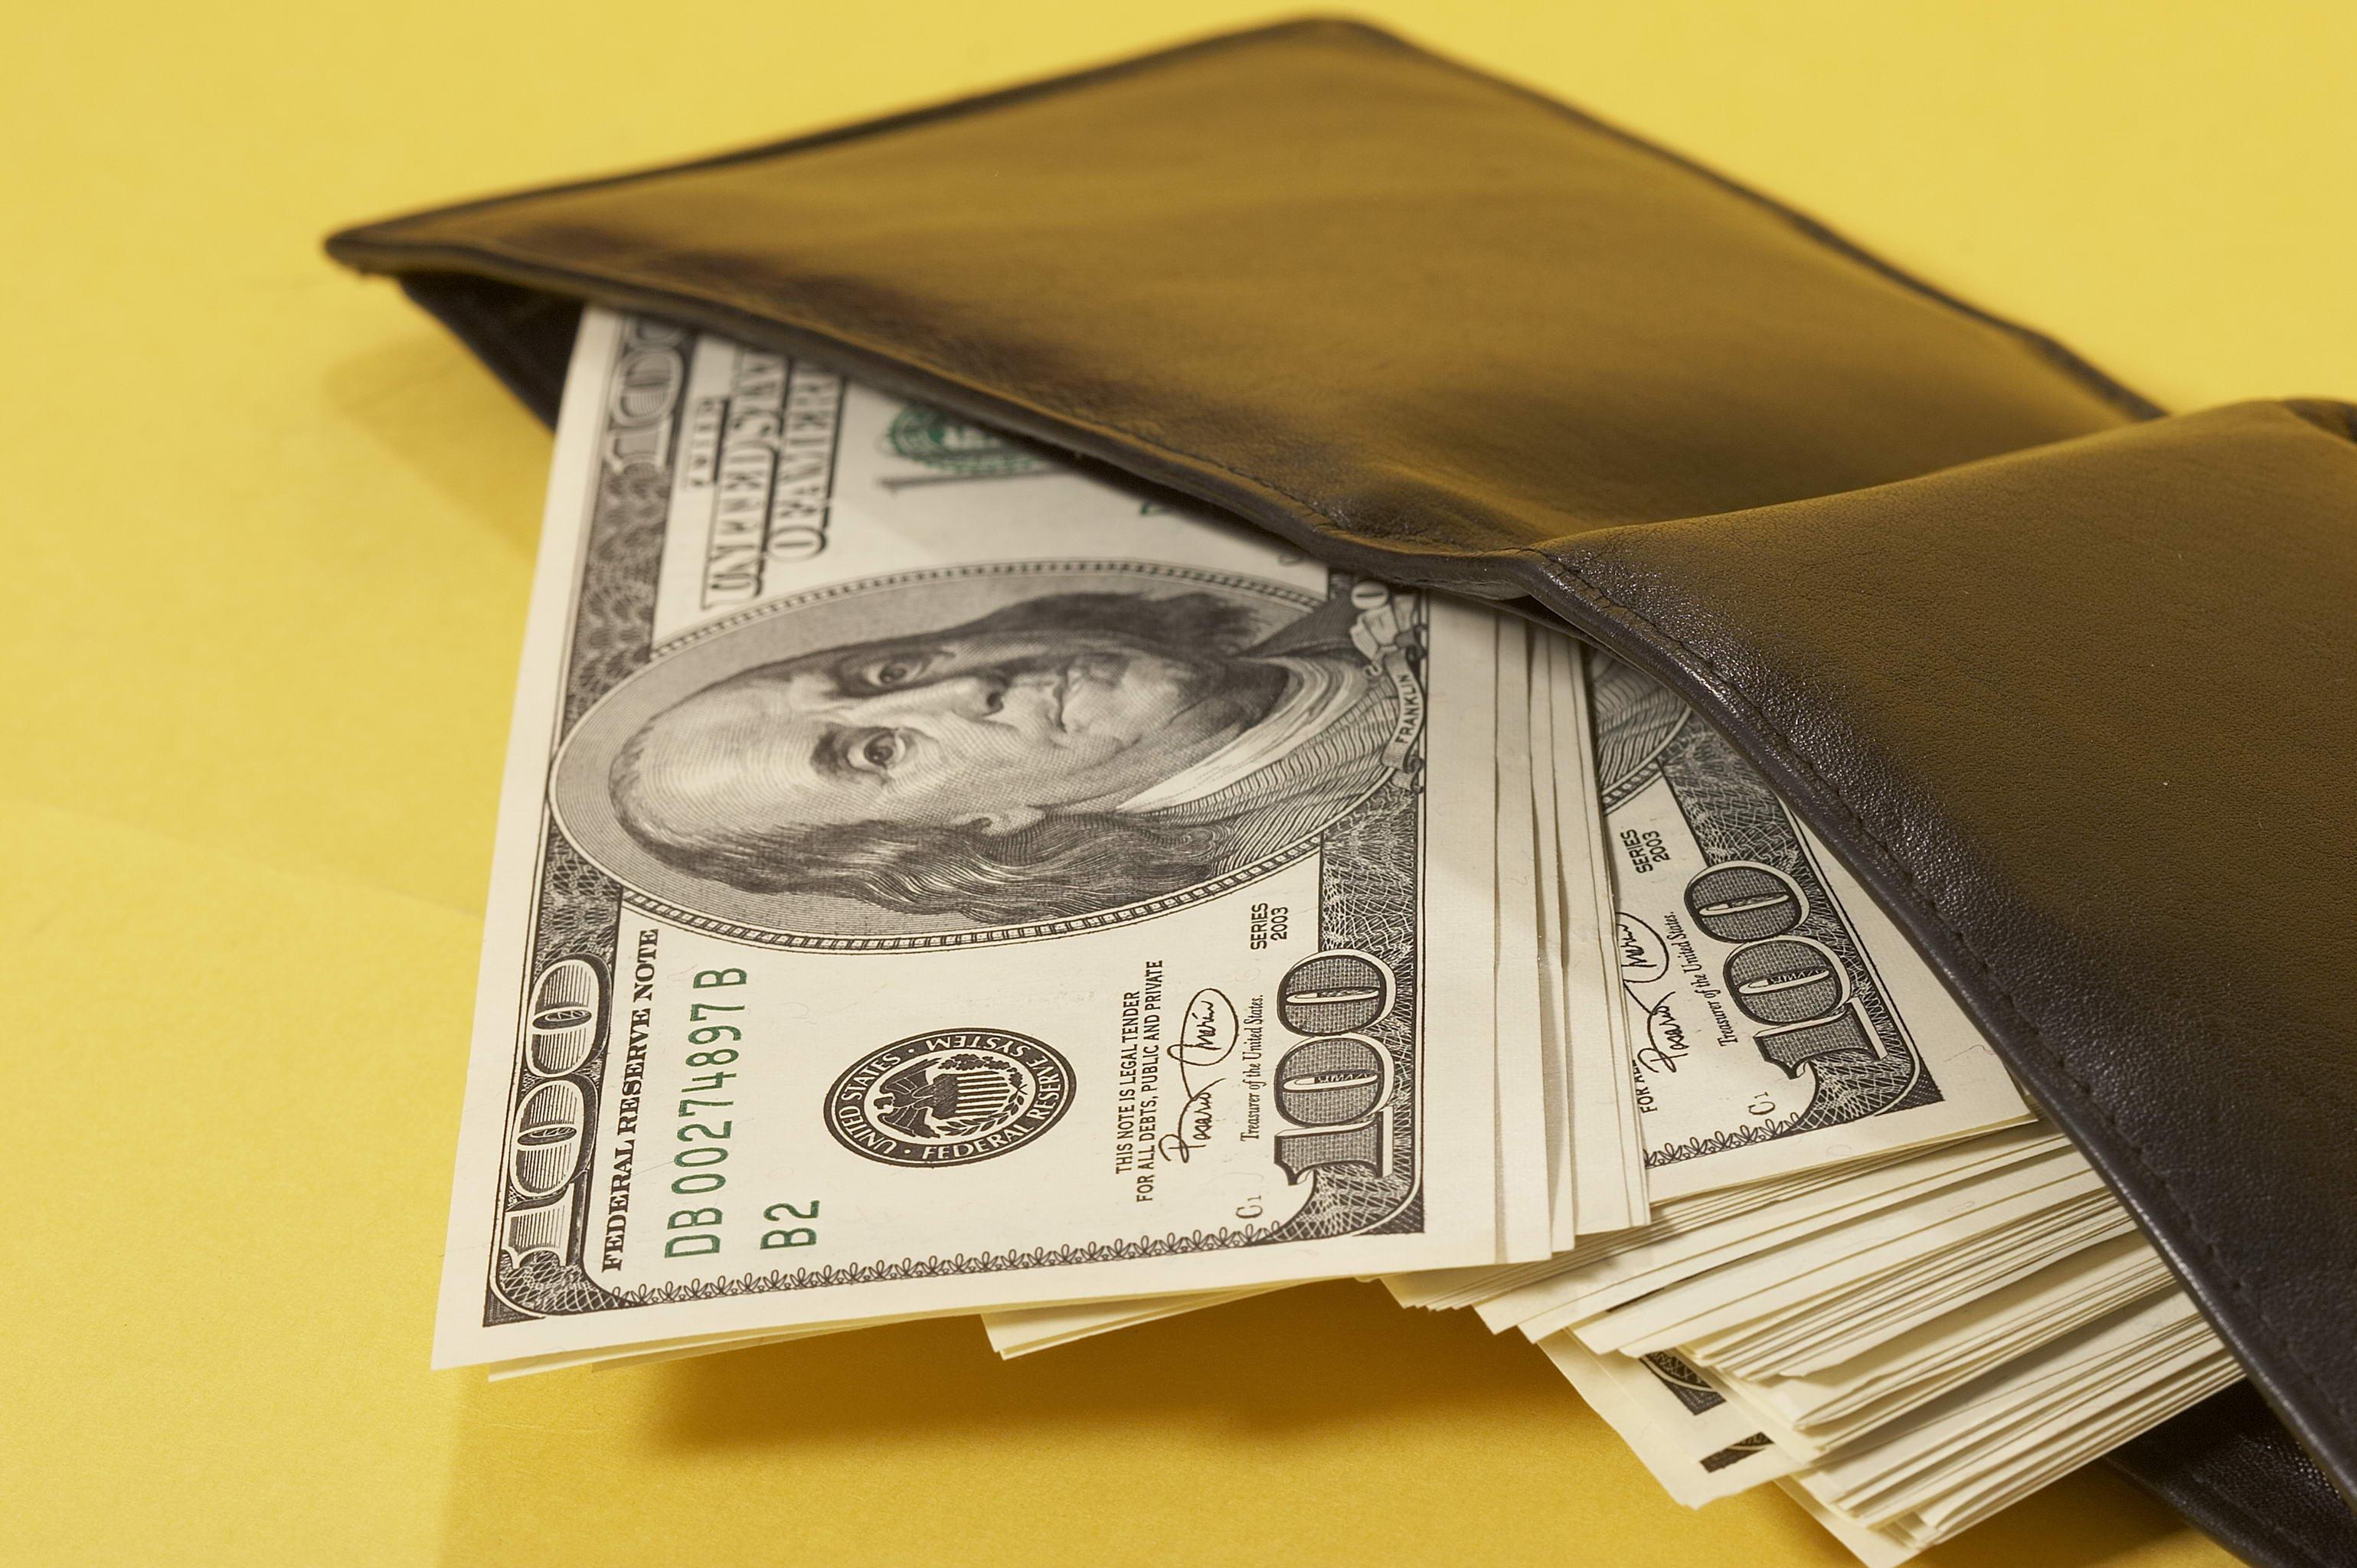 получение кредита в кузнецкбизнессбанк